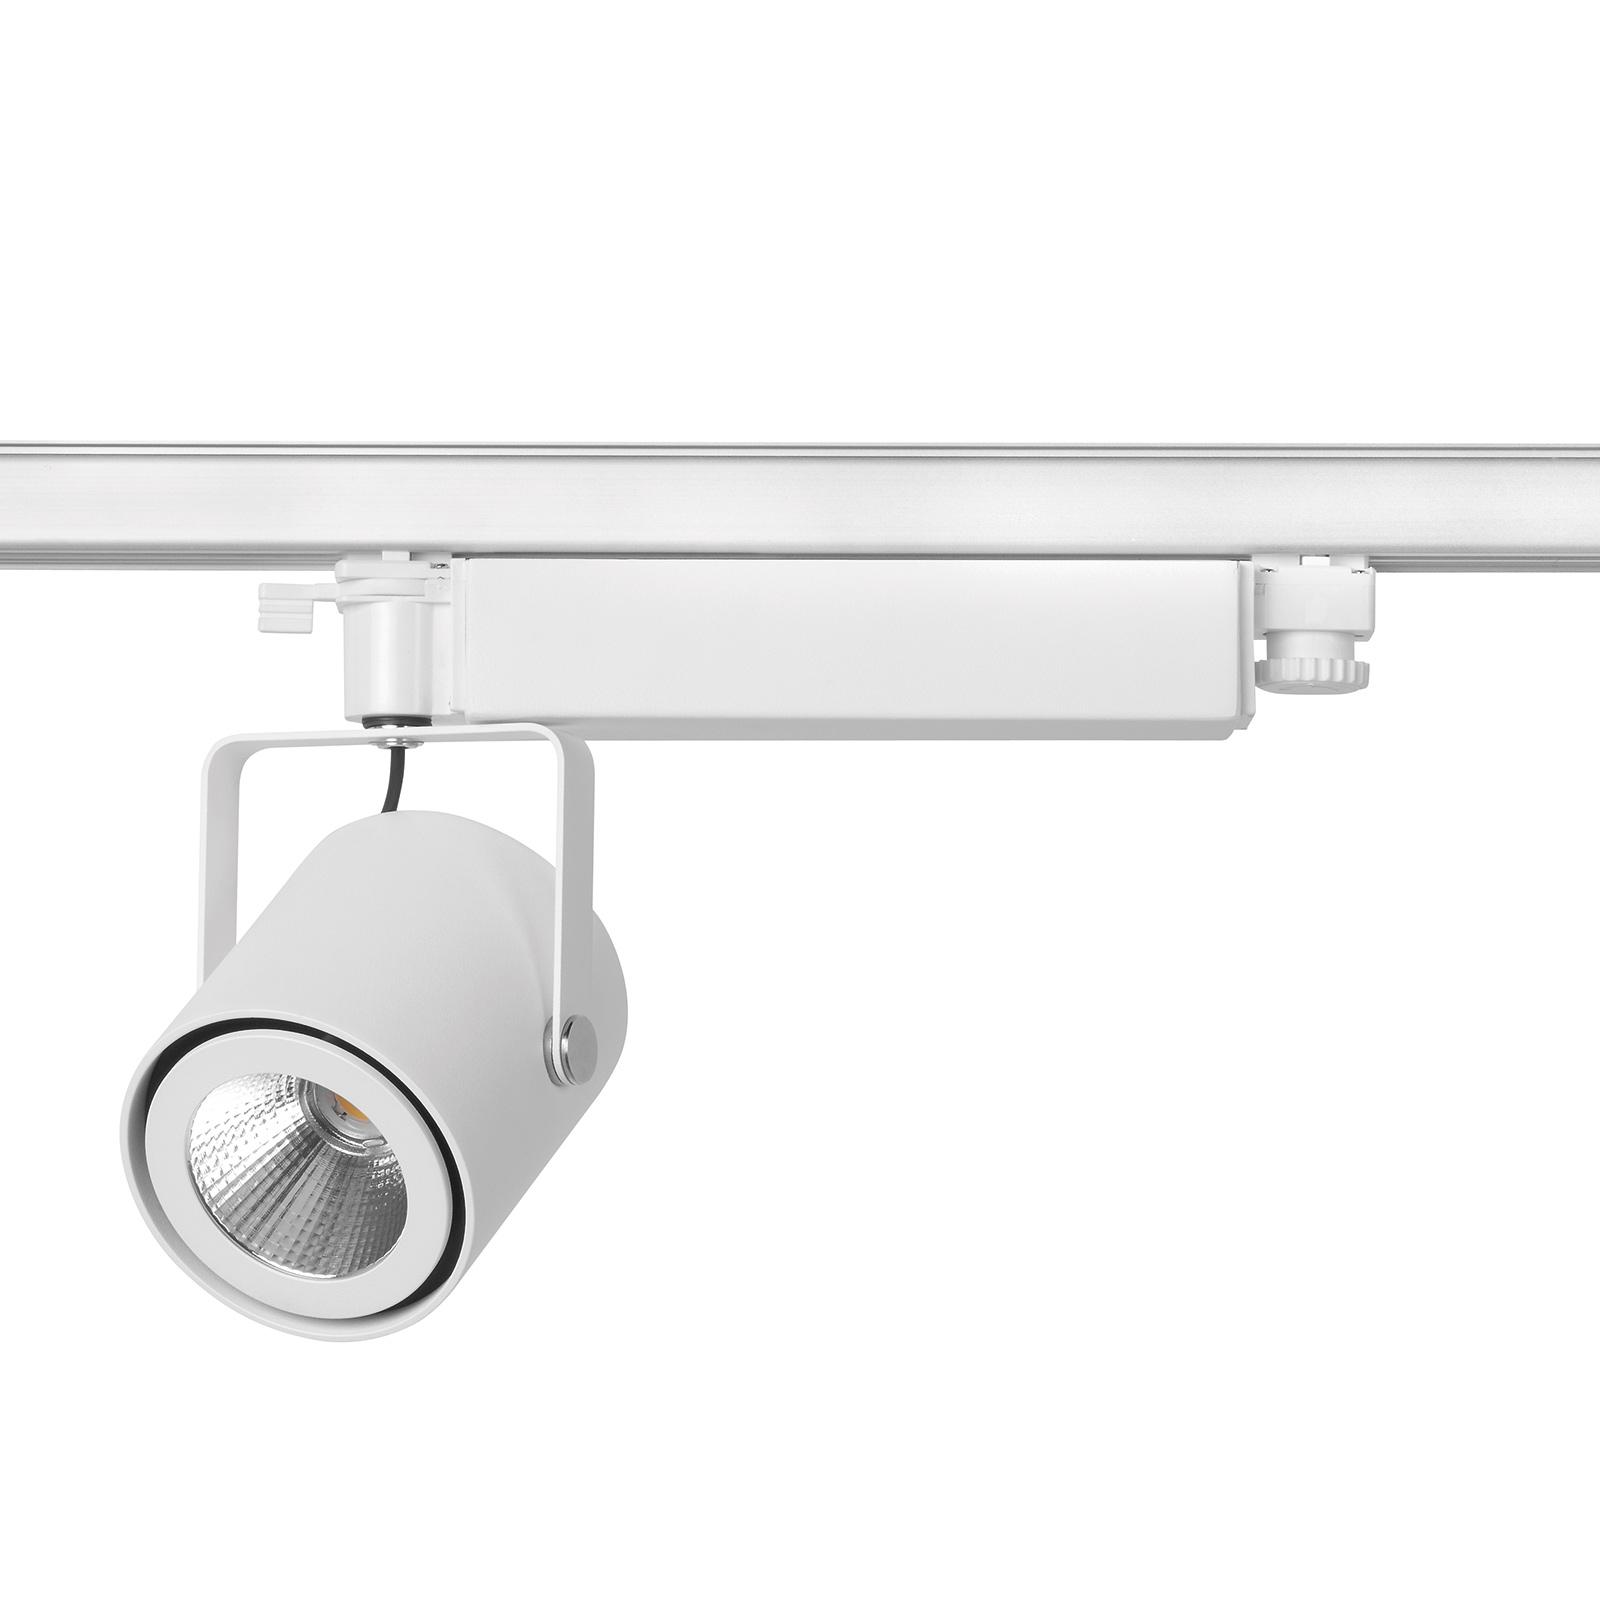 Flessibile faretto LED da binario Avior Surfaced